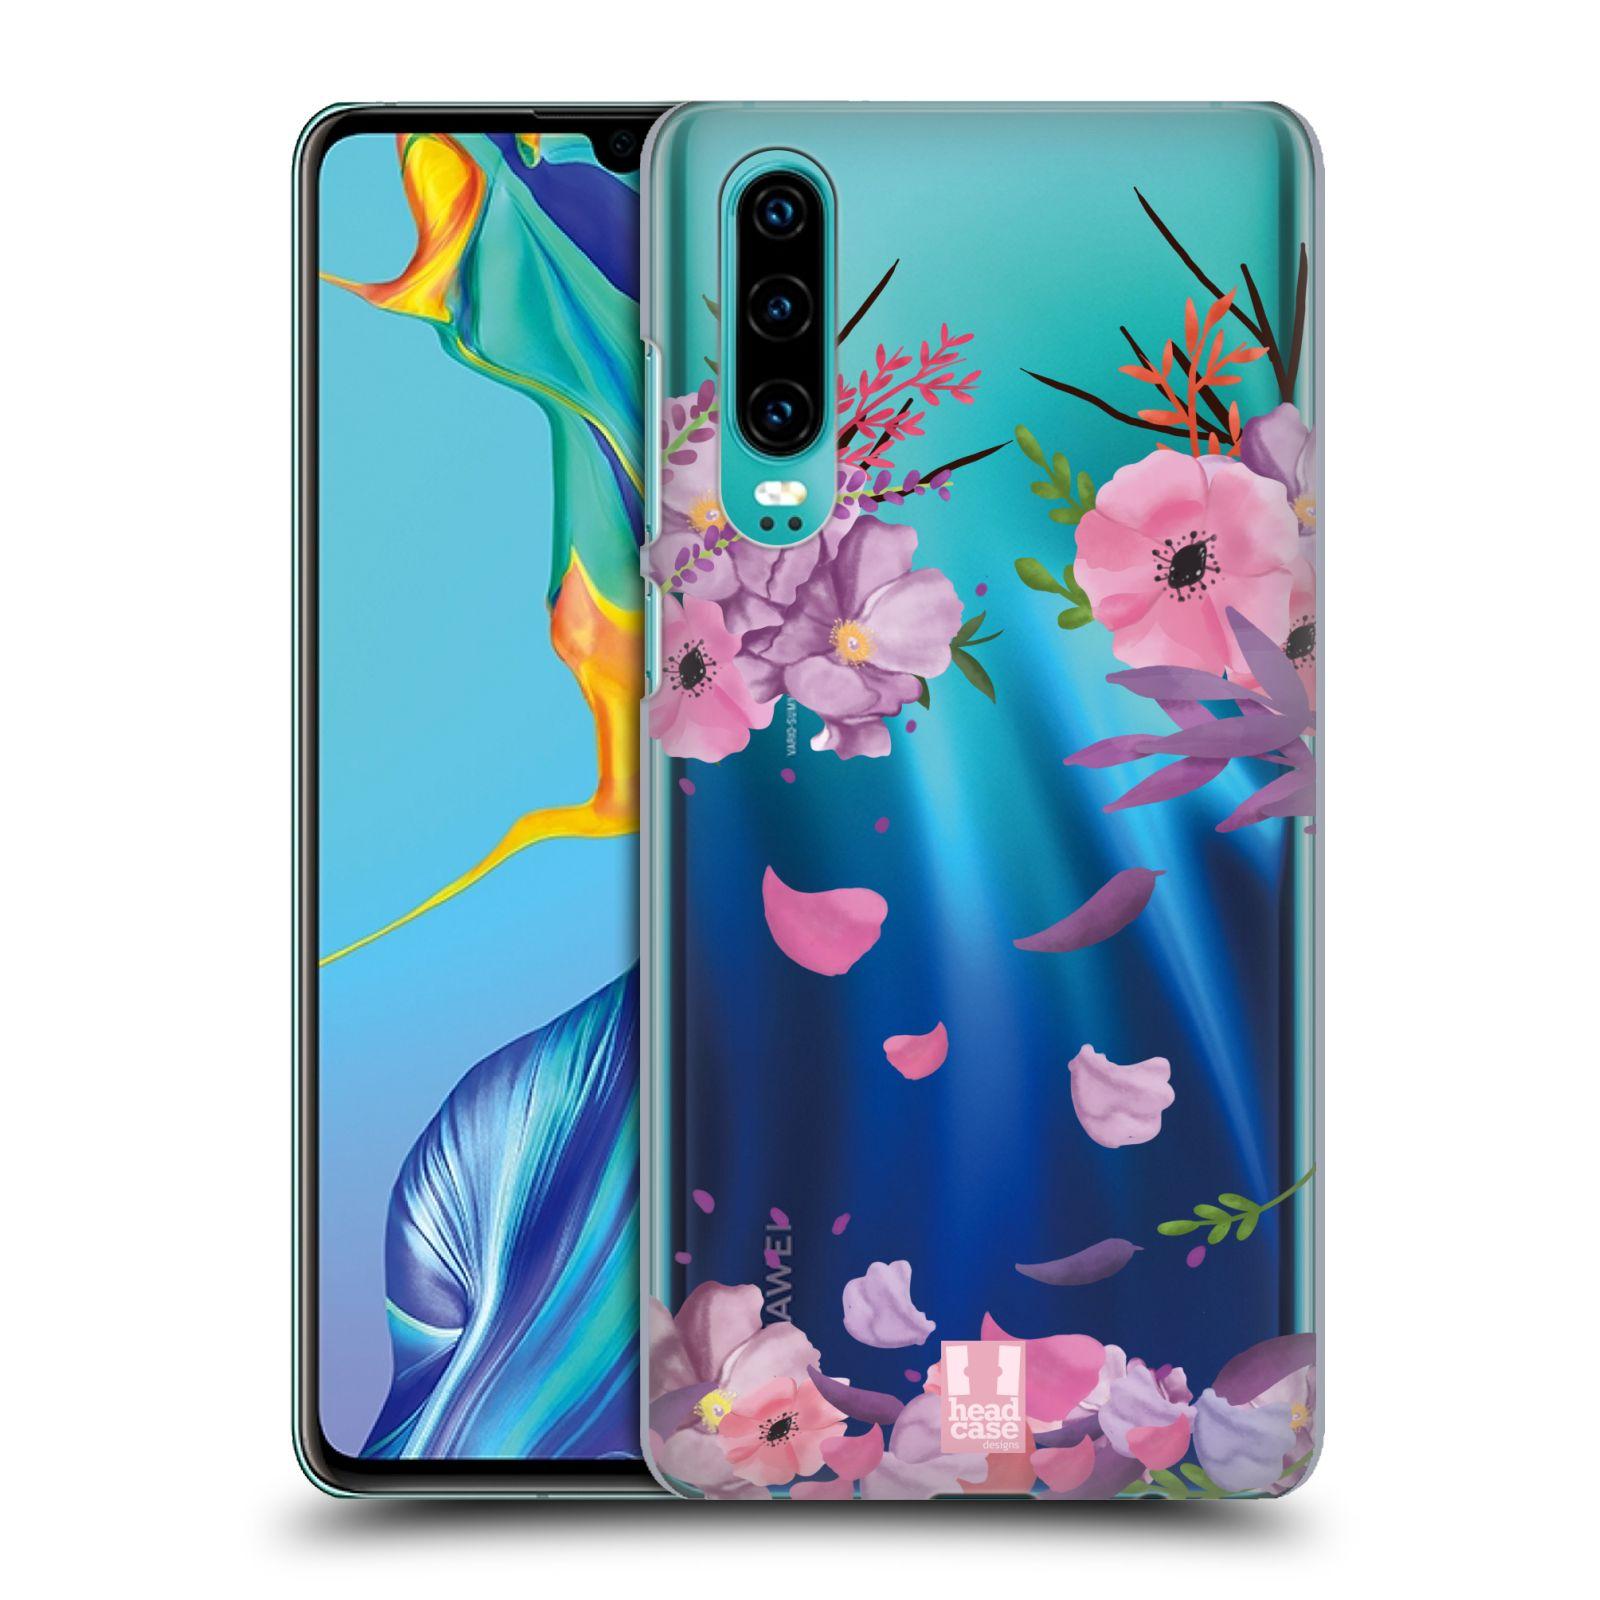 Plastové pouzdro na mobil Huawei P30 - Head Case - Okvětní lístky